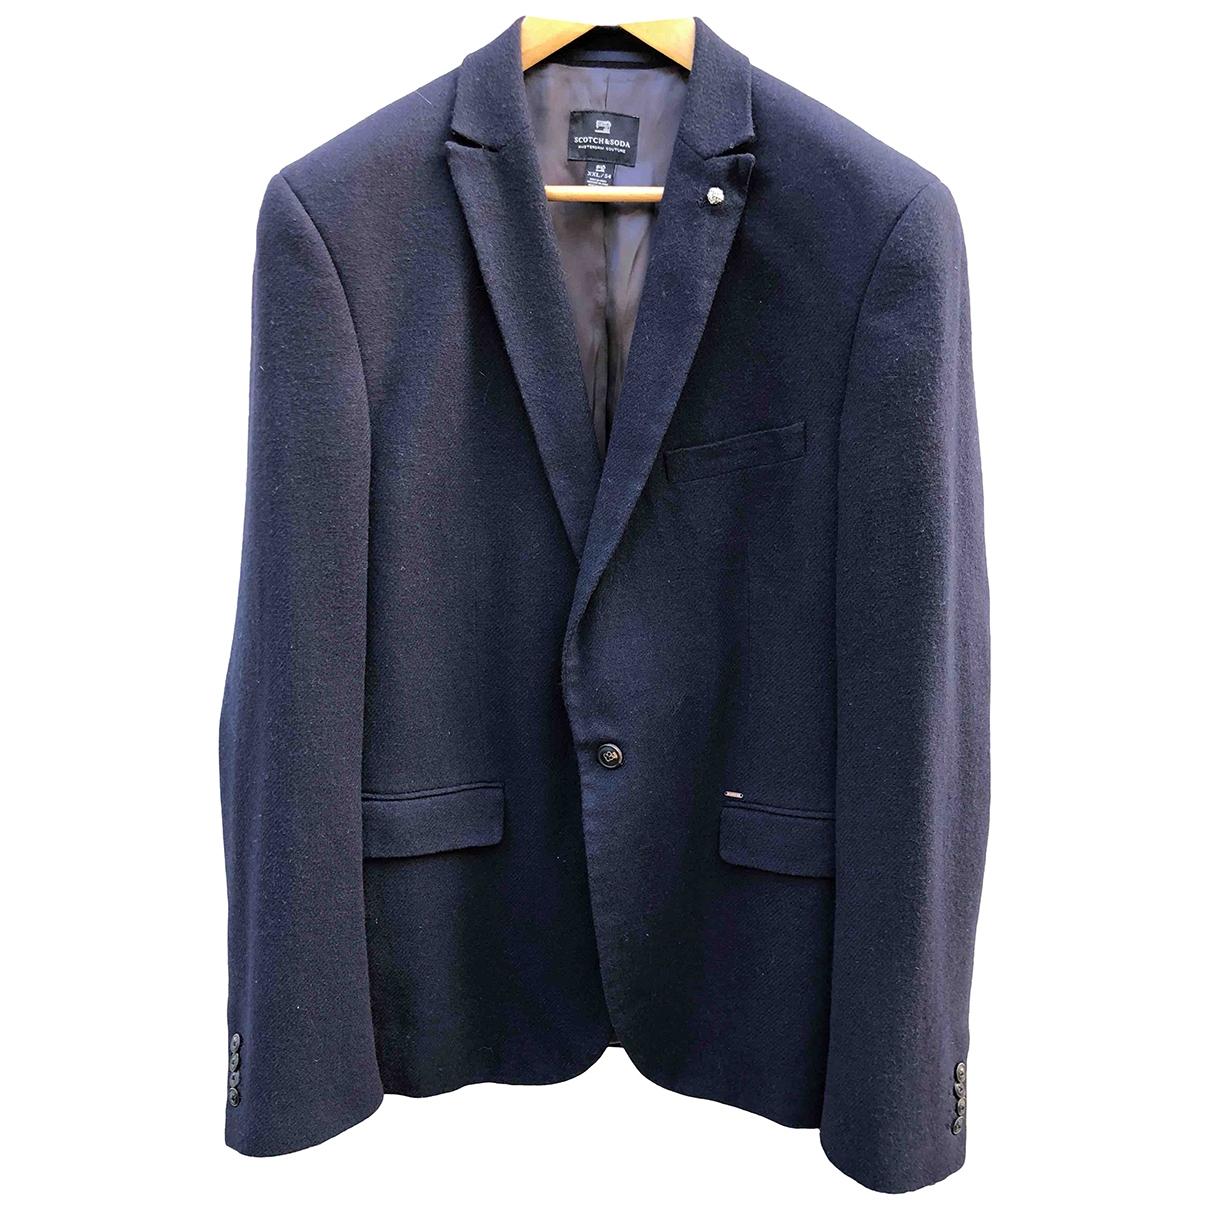 Scotch & Soda - Vestes.Blousons   pour homme en laine - bleu